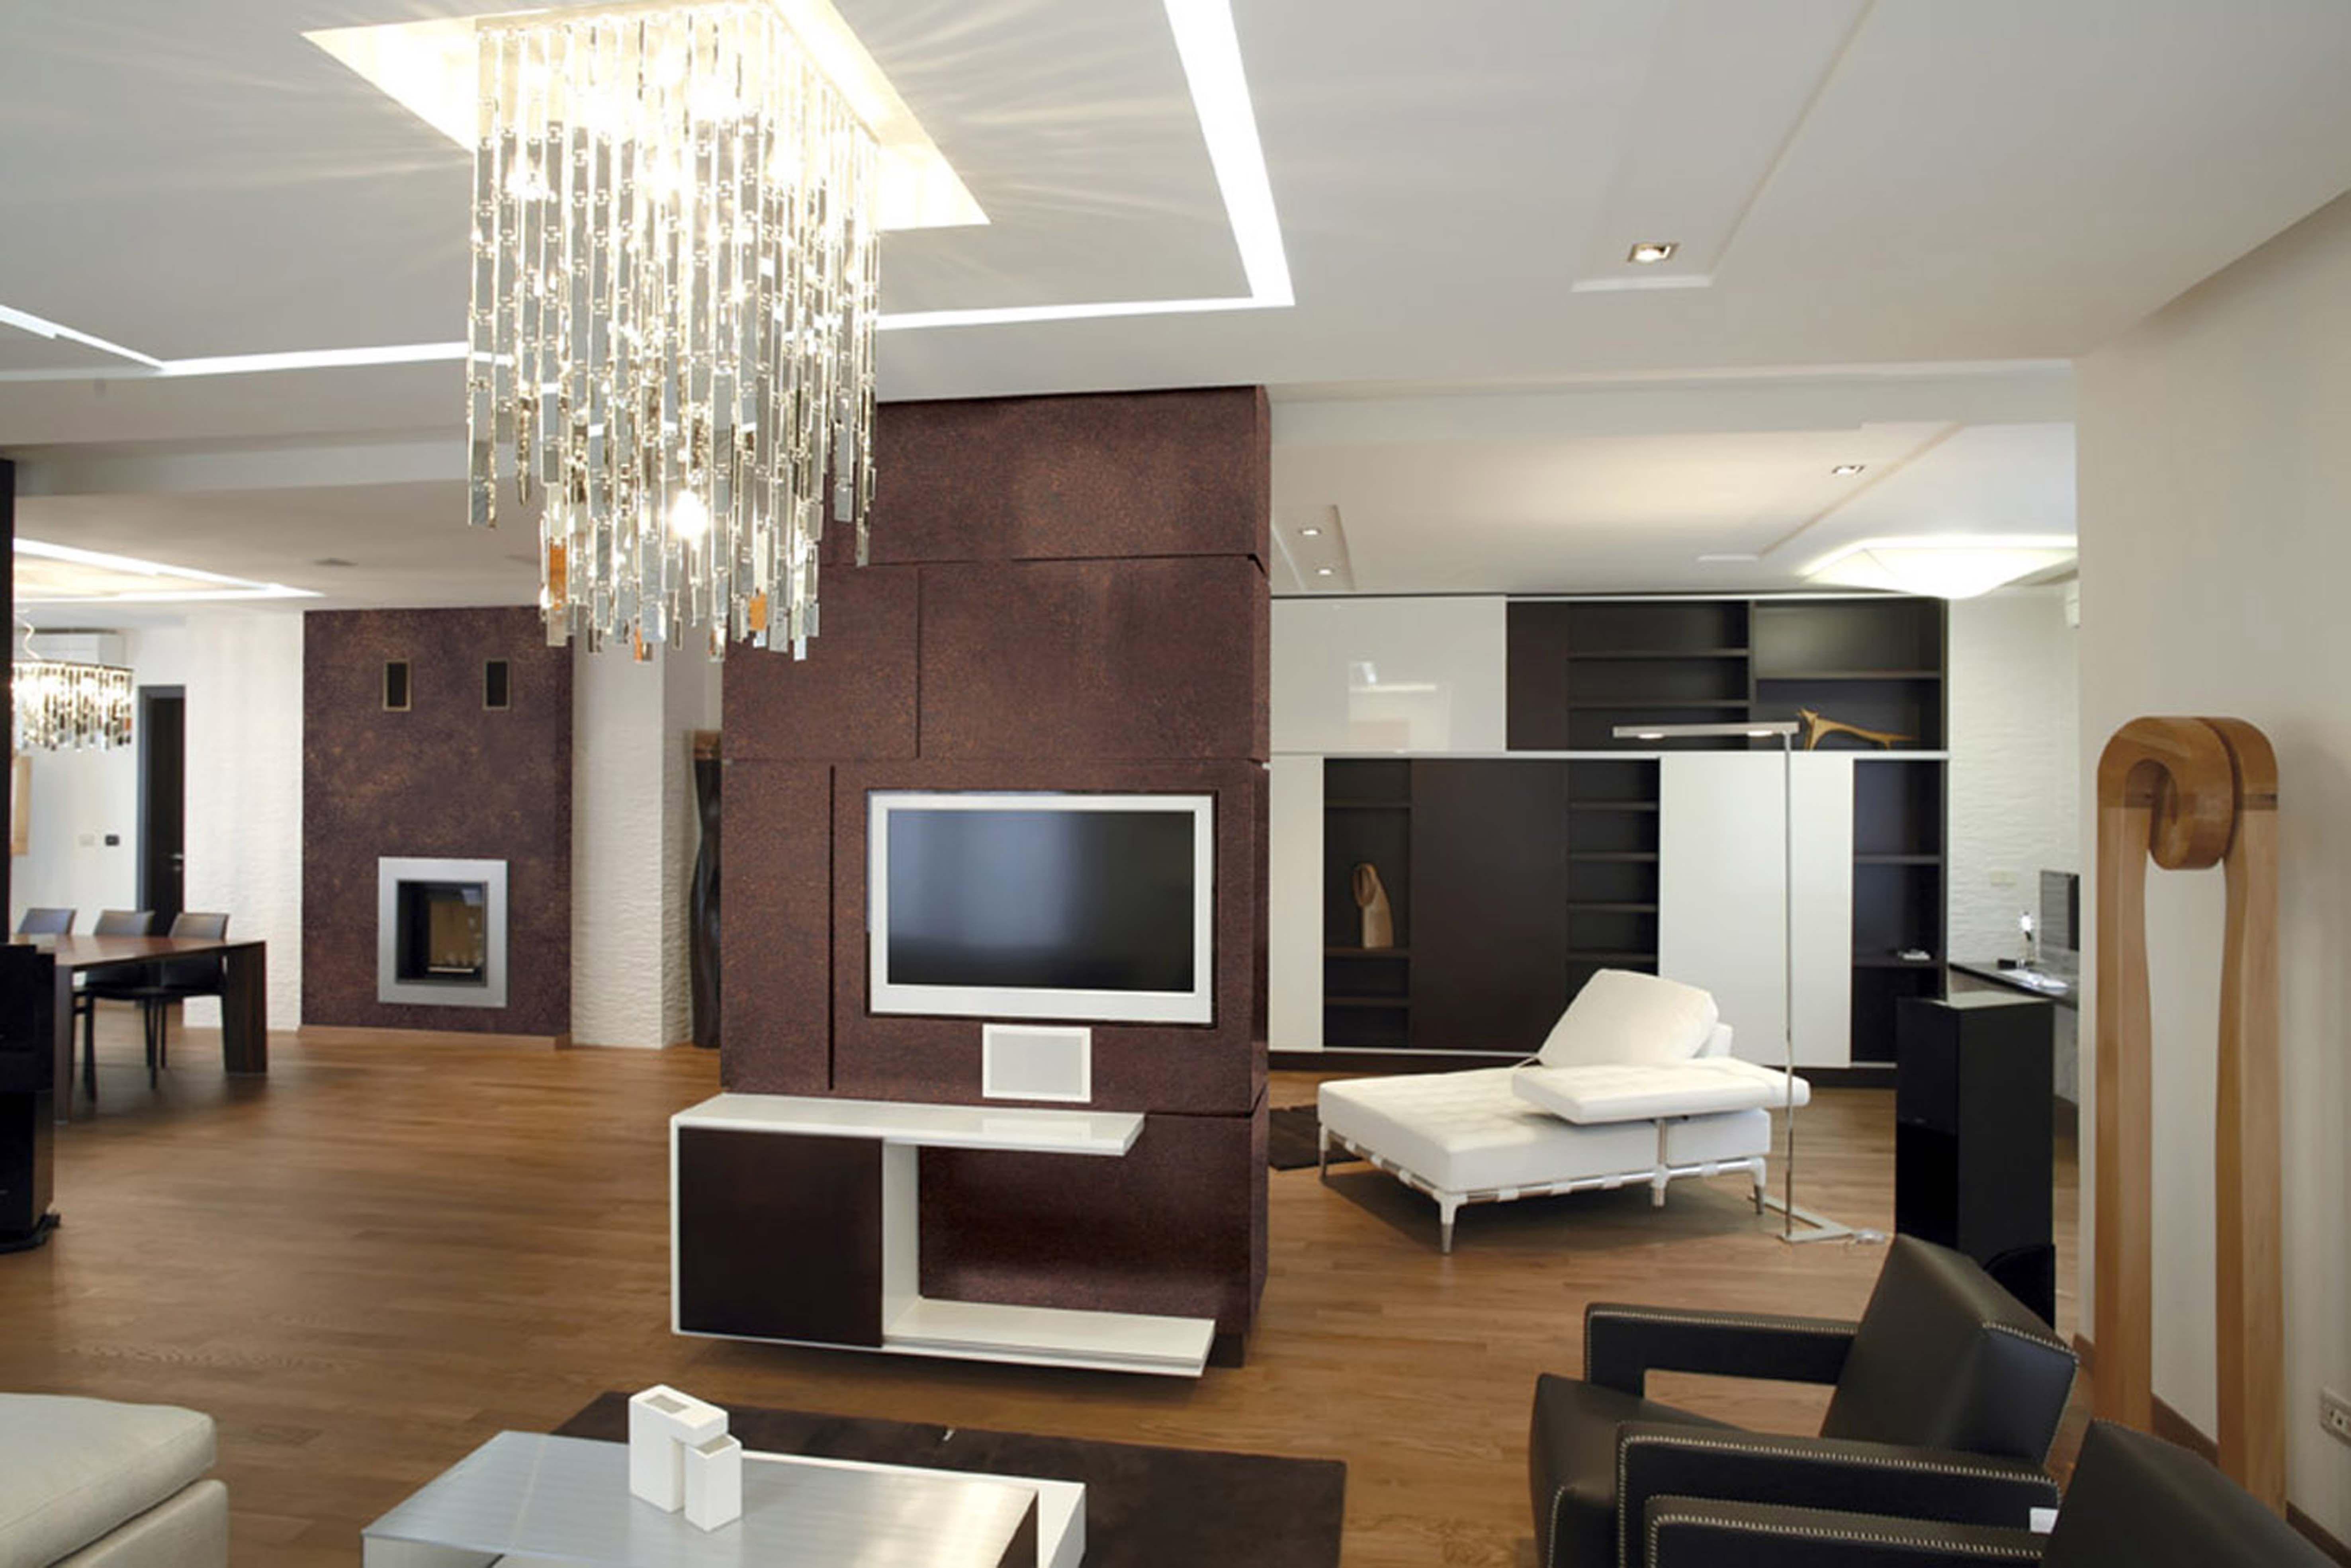 sofas modernos para sala de tv smart sofa covers decoracion moderno estar dibujos muebles